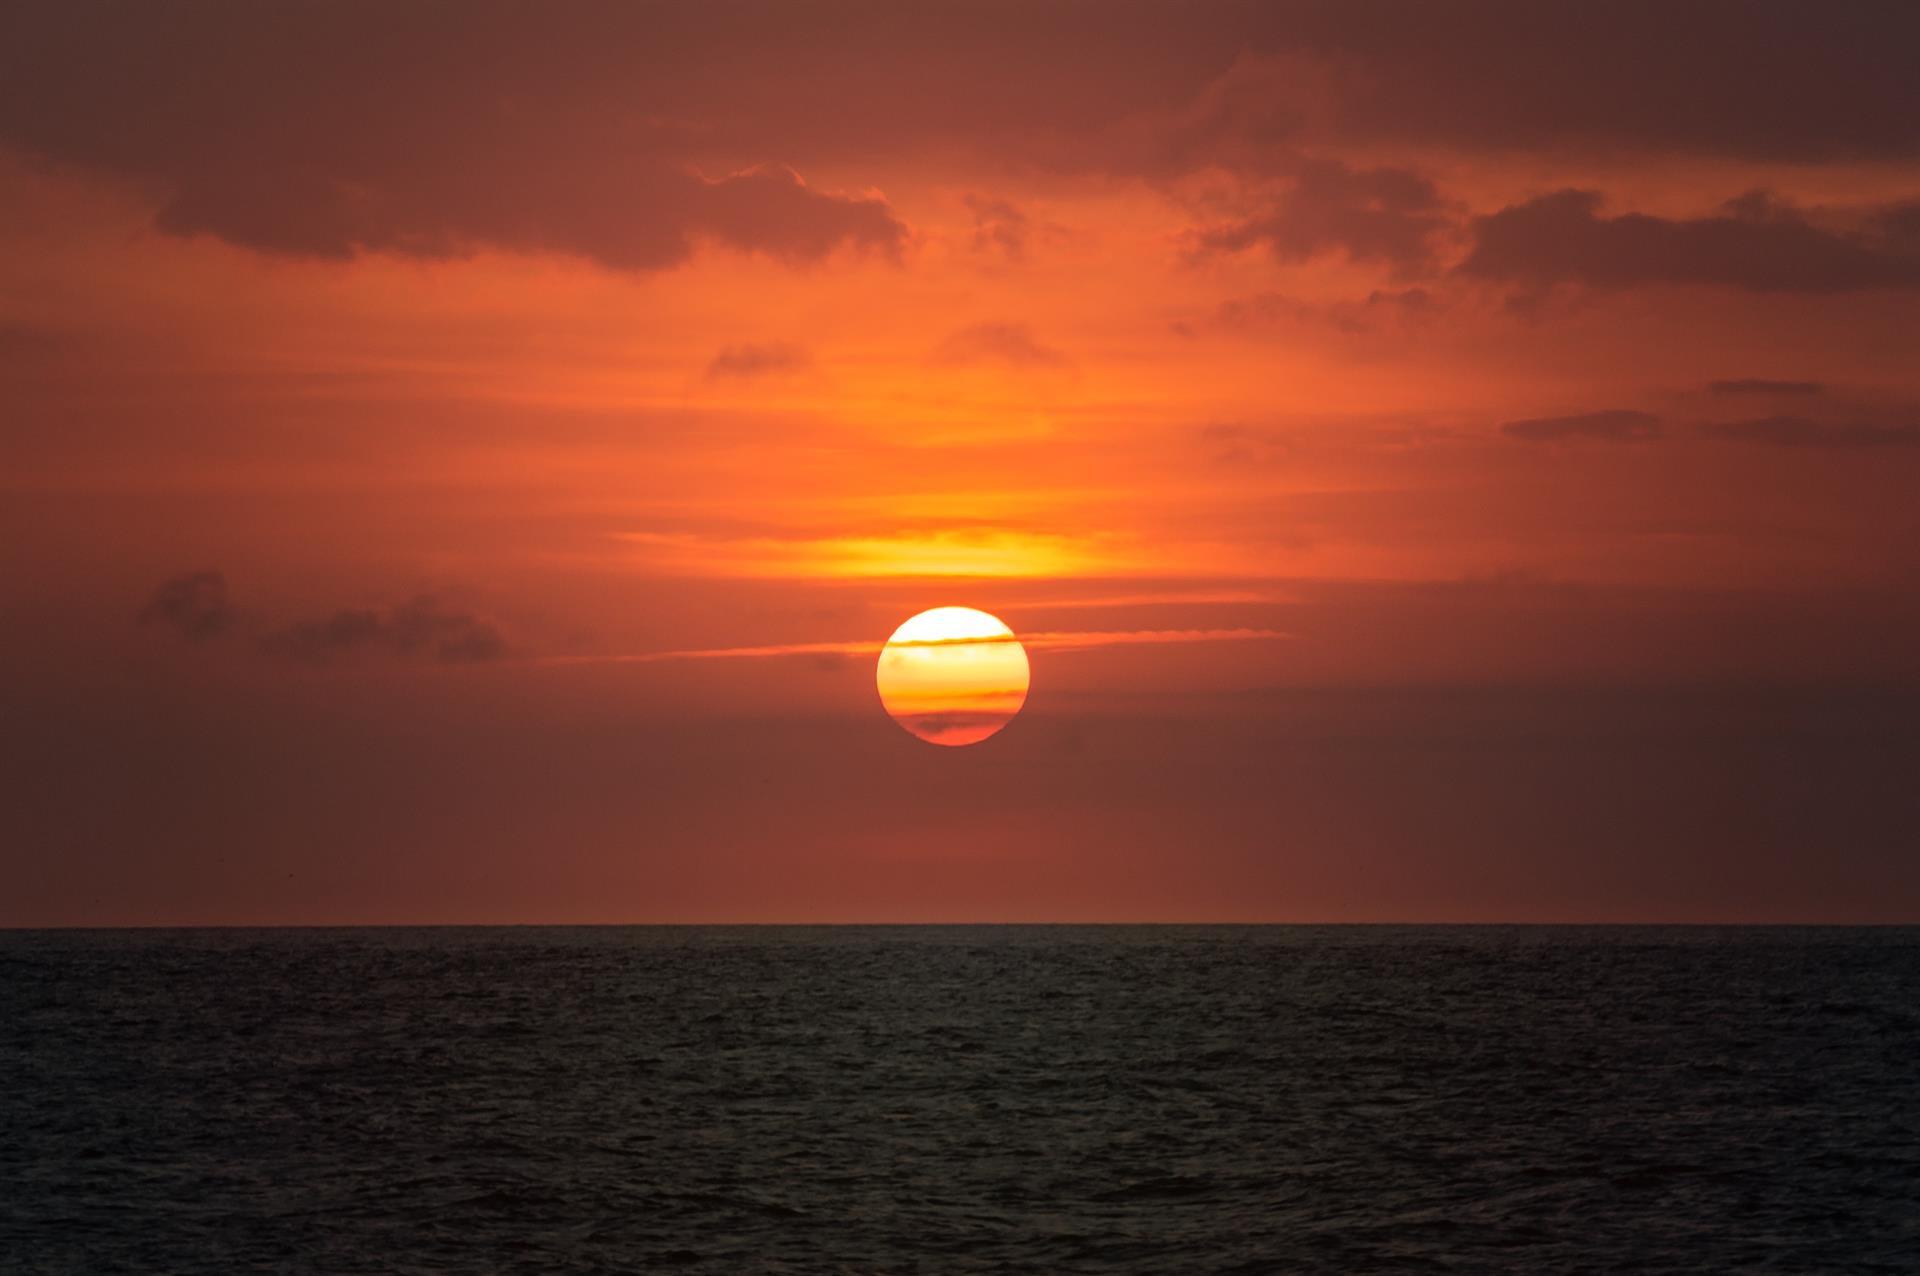 The sun sets over a vast ocean